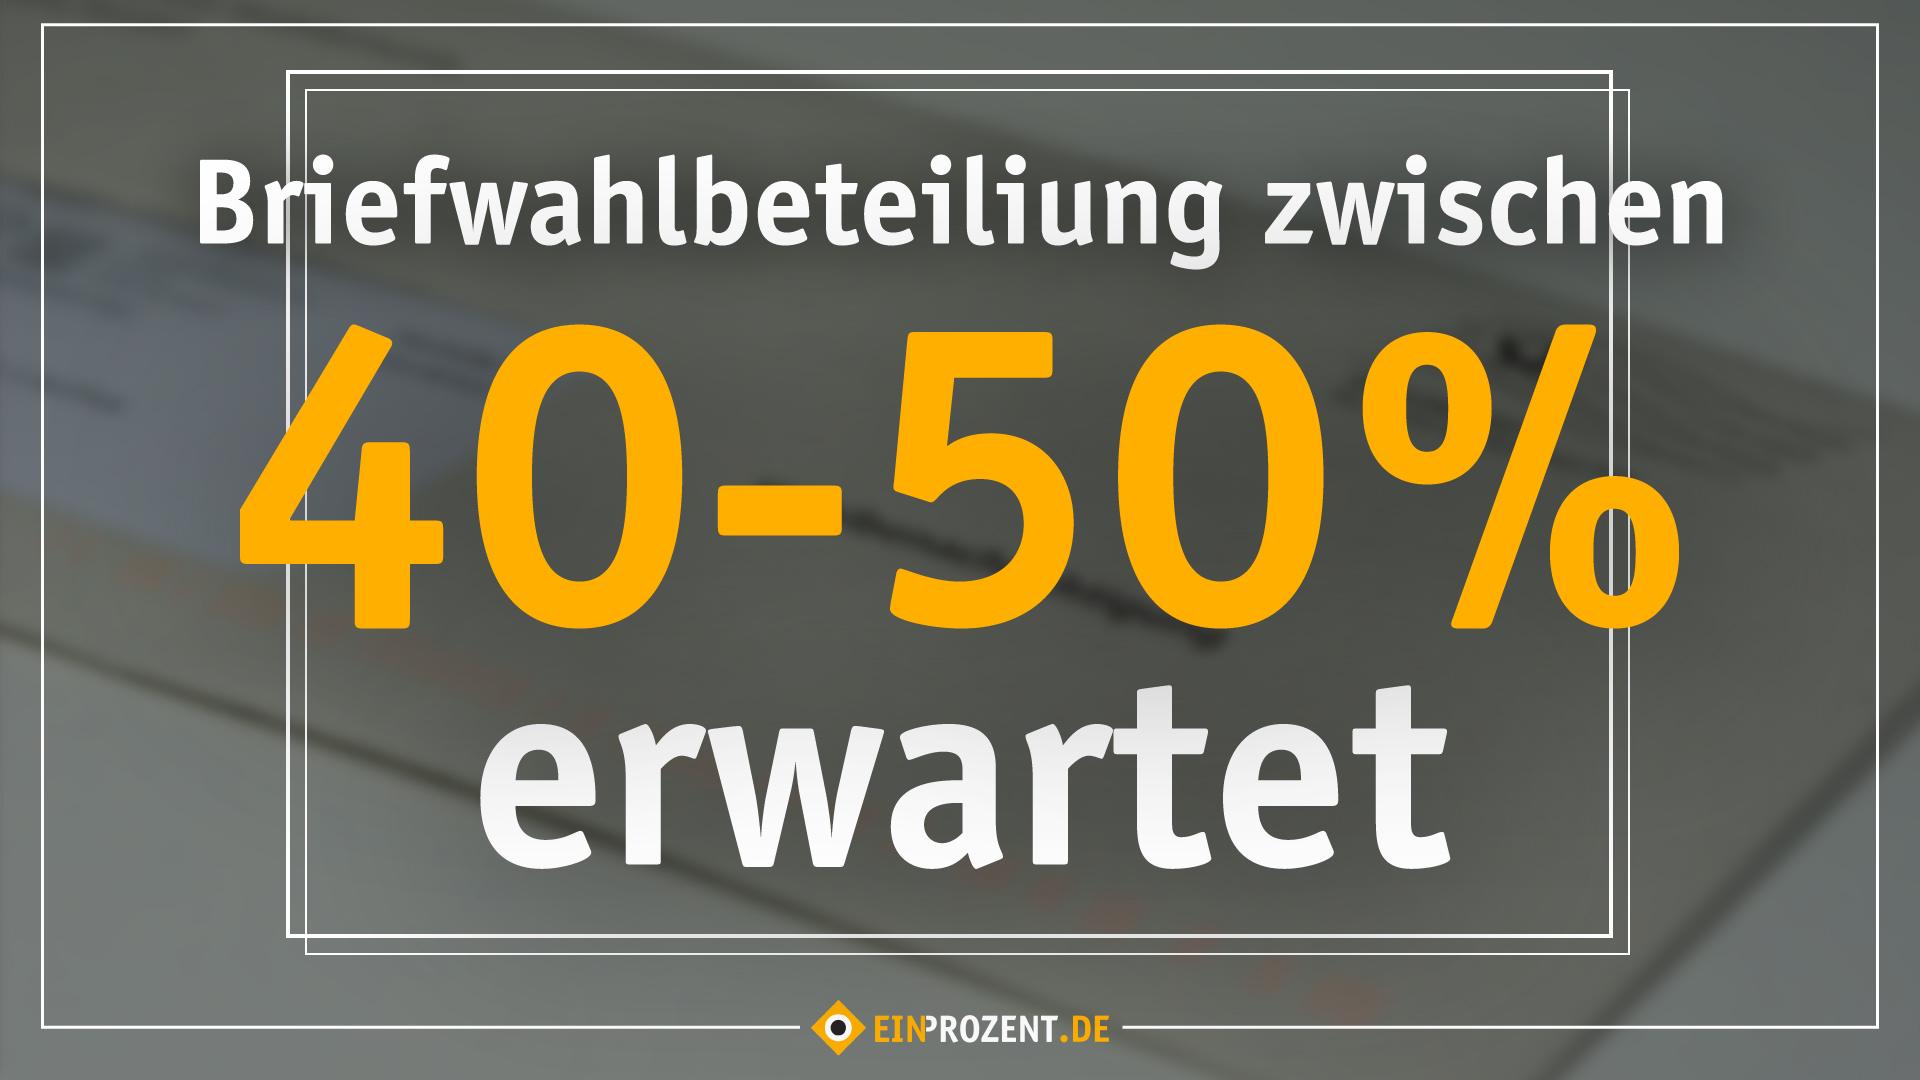 [Bild: Breifwahlbeteiligung50P.jpg]